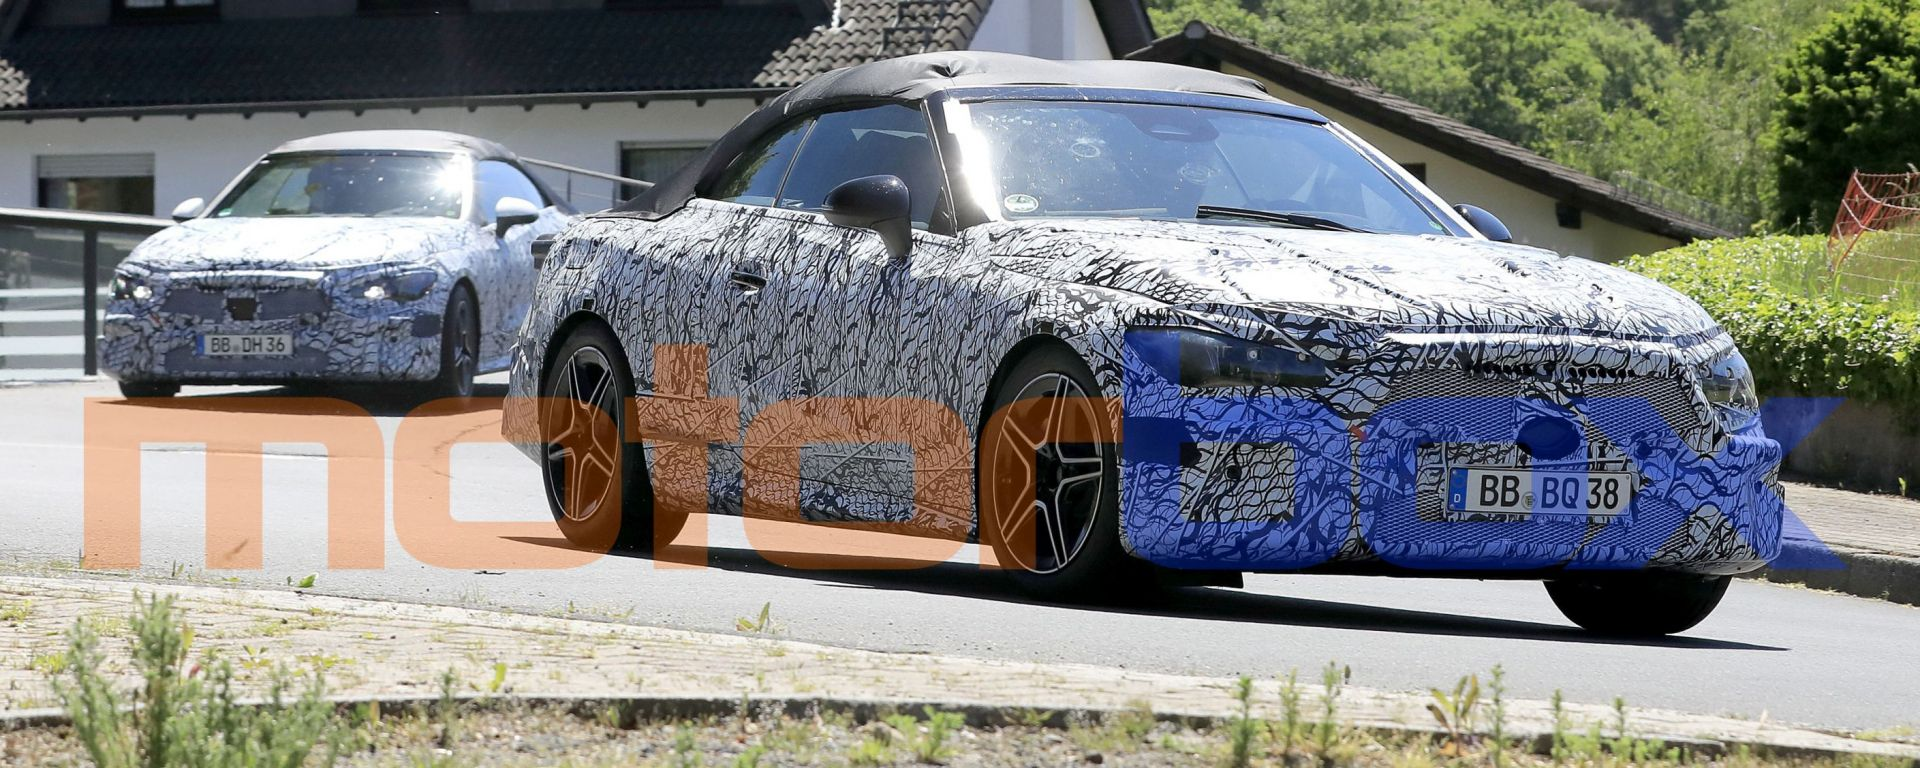 Mercedes Classe C Cabrio 2023: due prototipi sorpresi a circolare